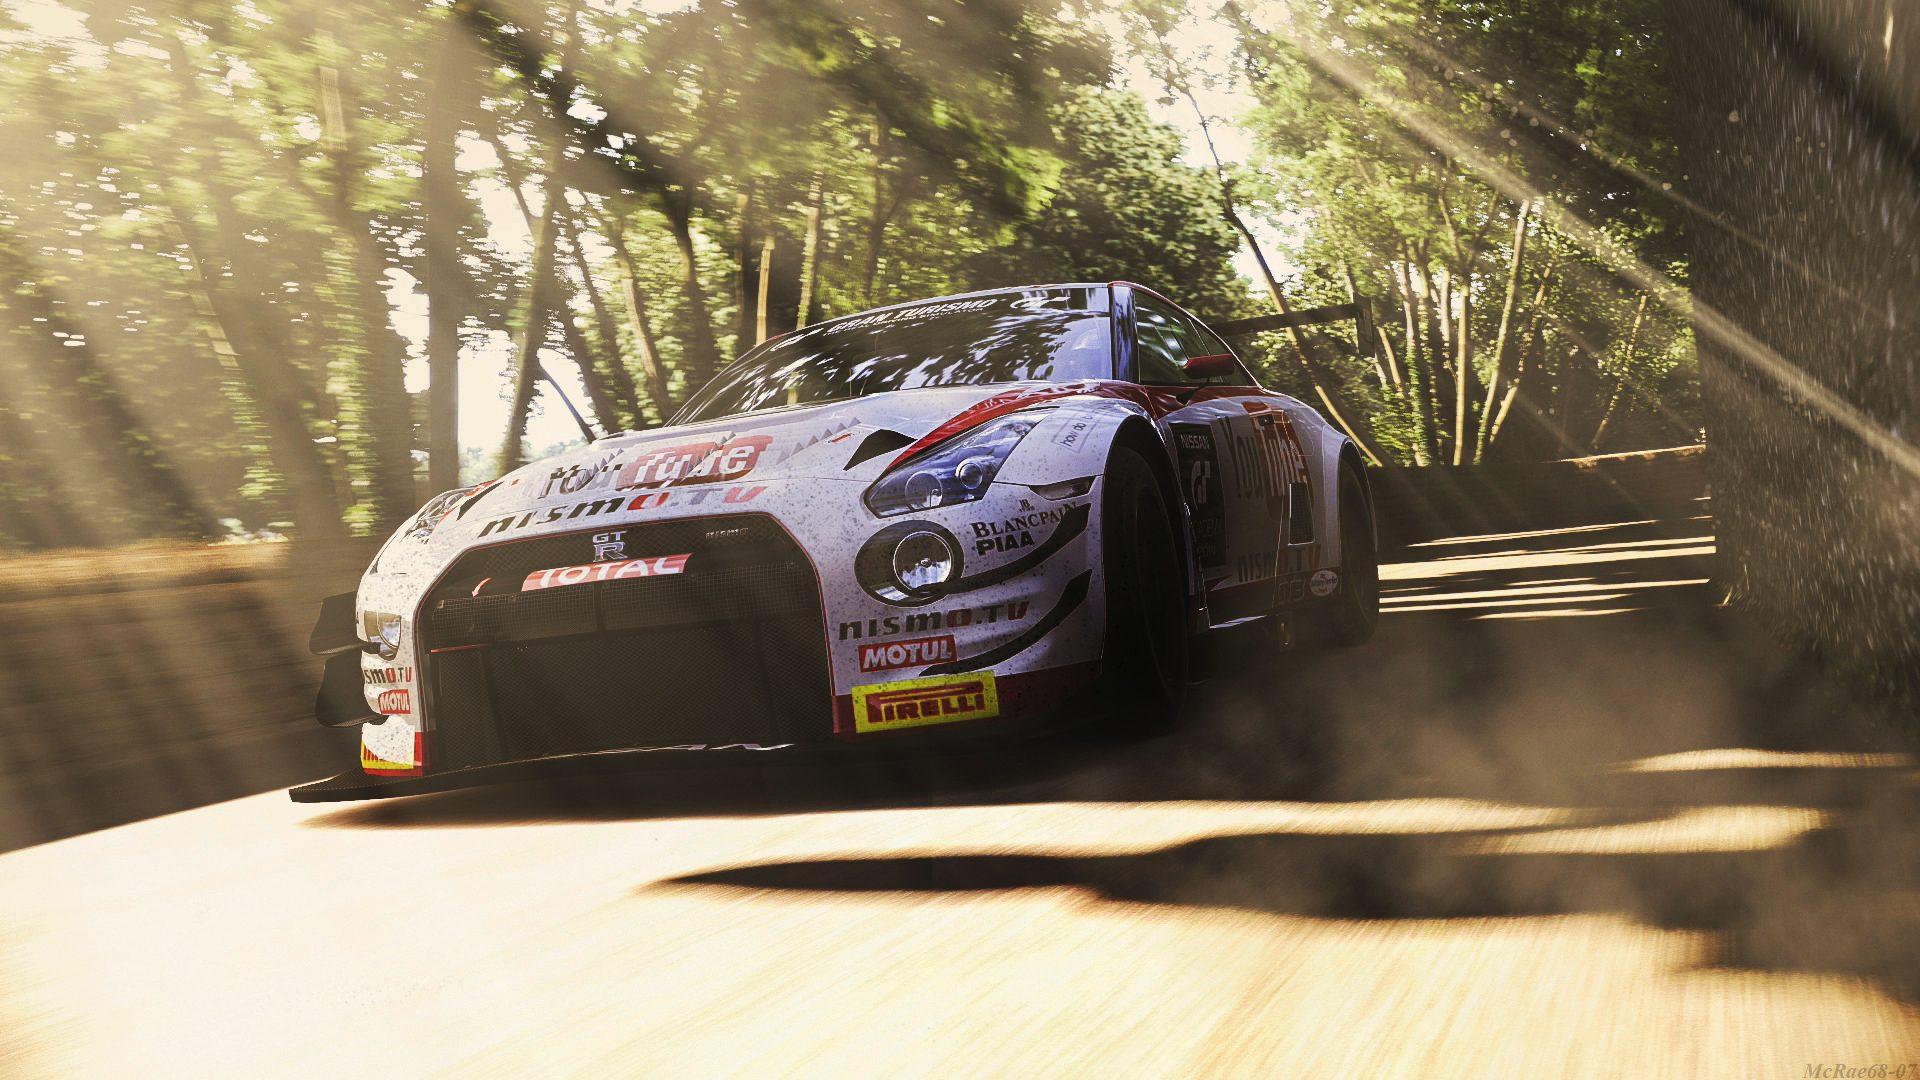 Goodwood Hillclimb 2014 GT3 2 gtr 1.jpg